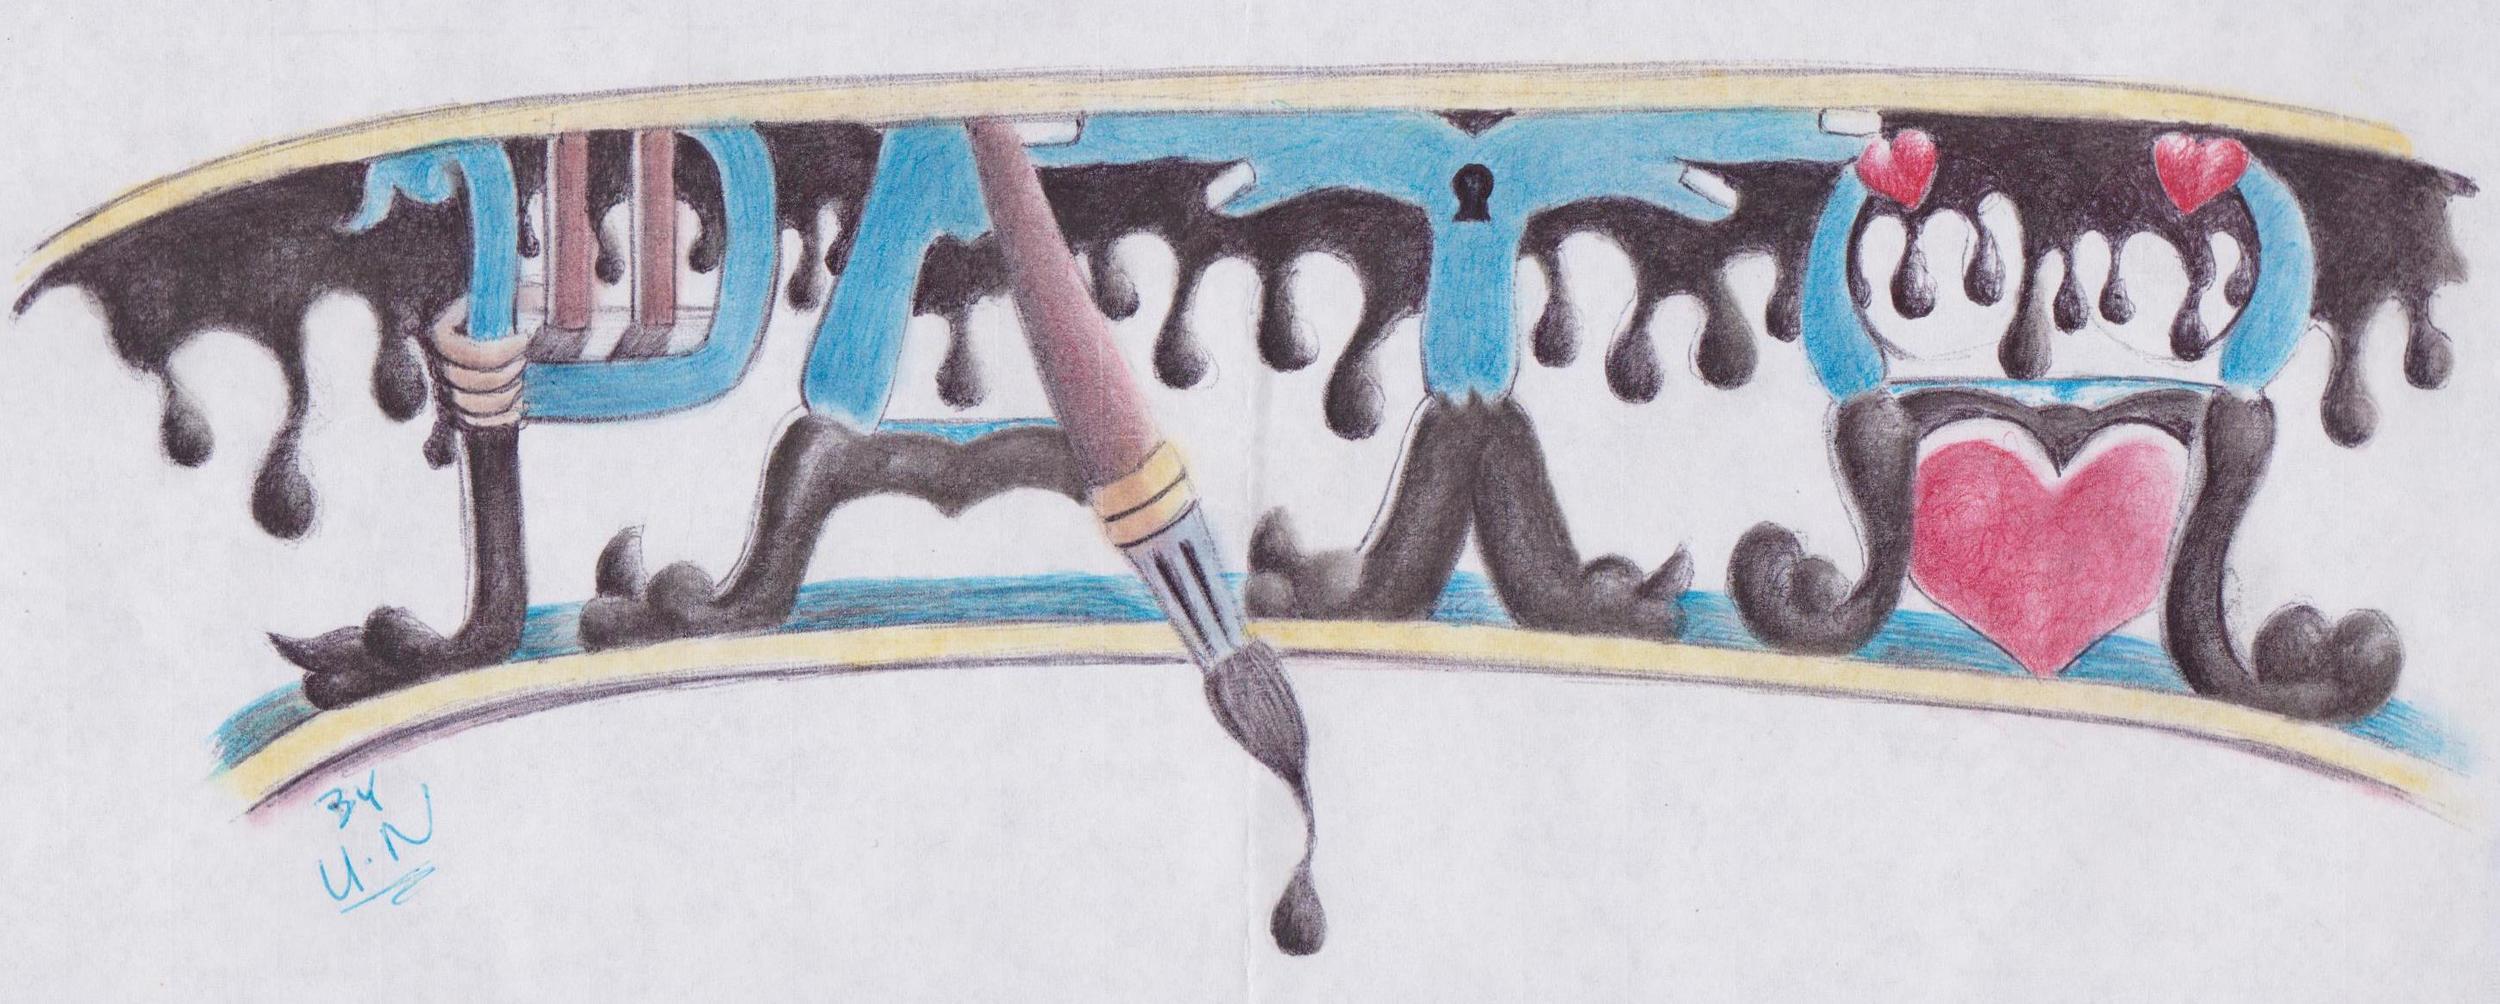 P.A.T.H. Logo by Uvaldo 001.jpg